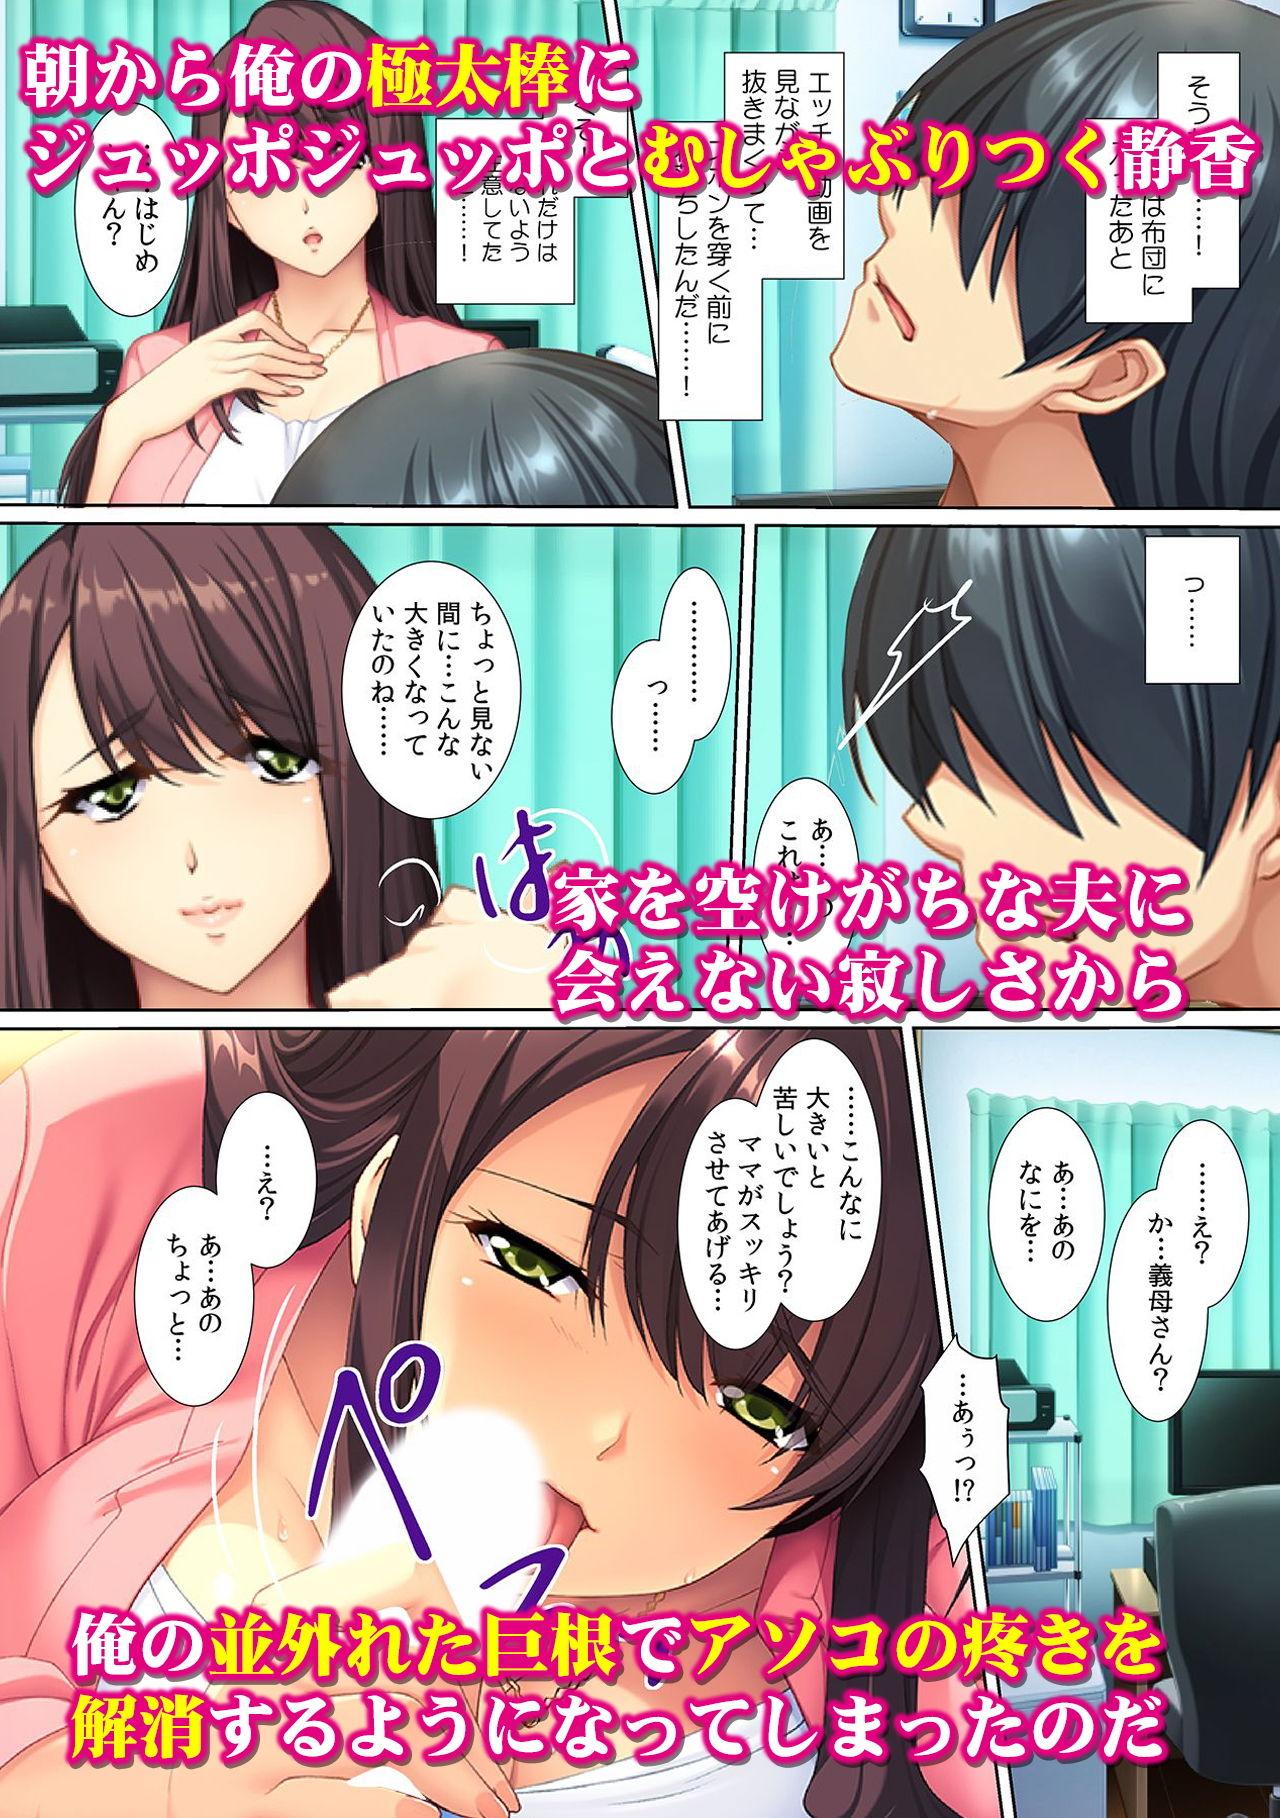 【カキタレちゃん 同人】義母さんのナカに出したい!~エブリデイ禁断セックス三昧